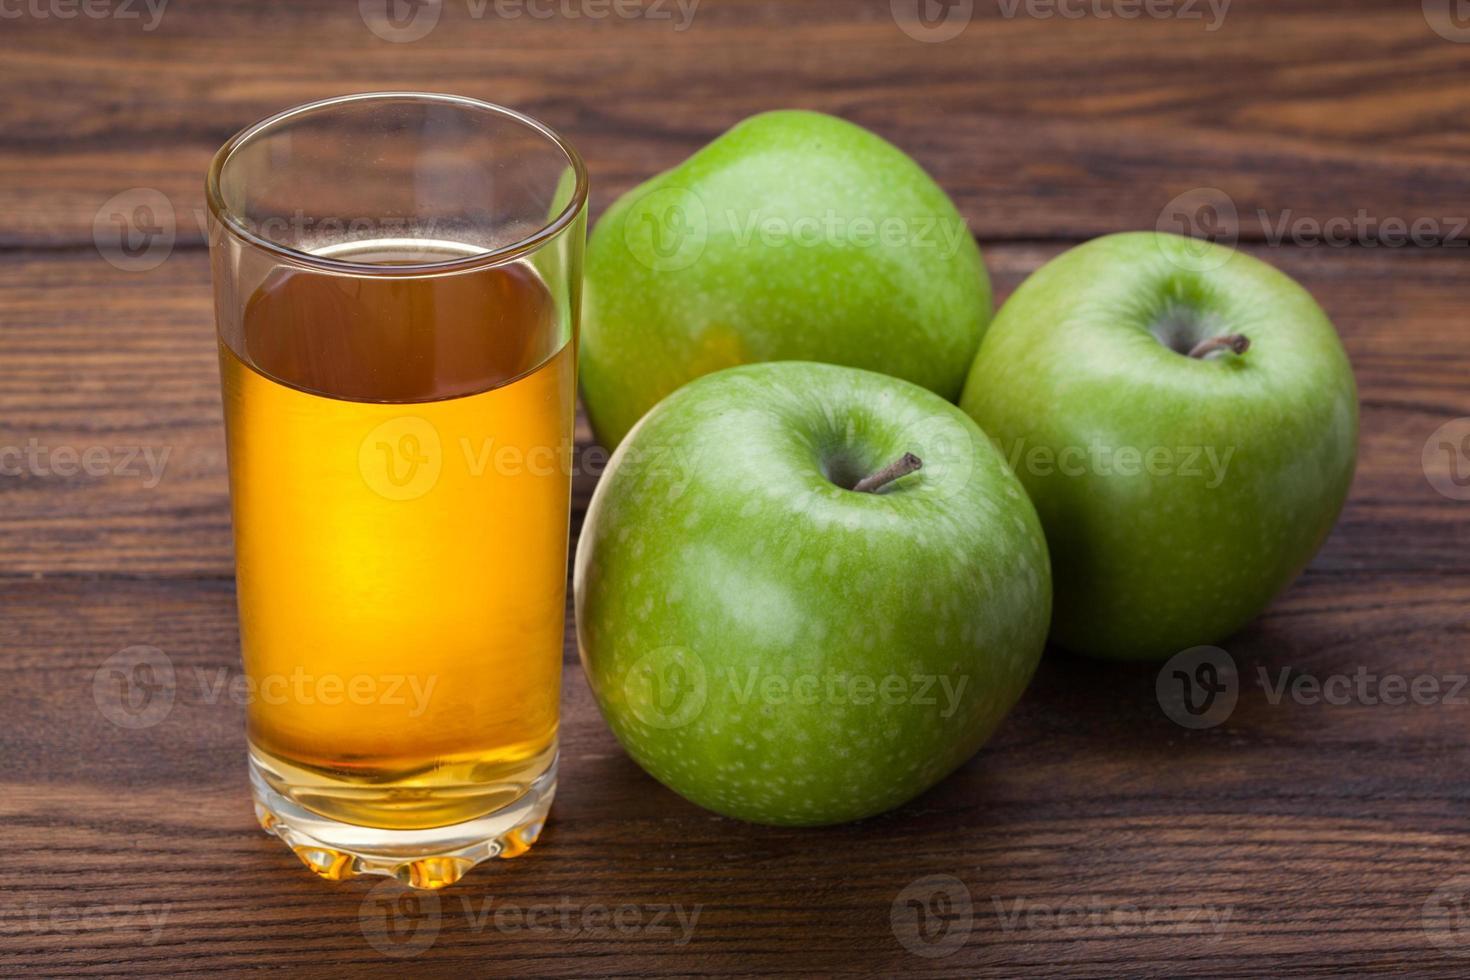 vaso de jugo de manzana y manzanas en madera foto